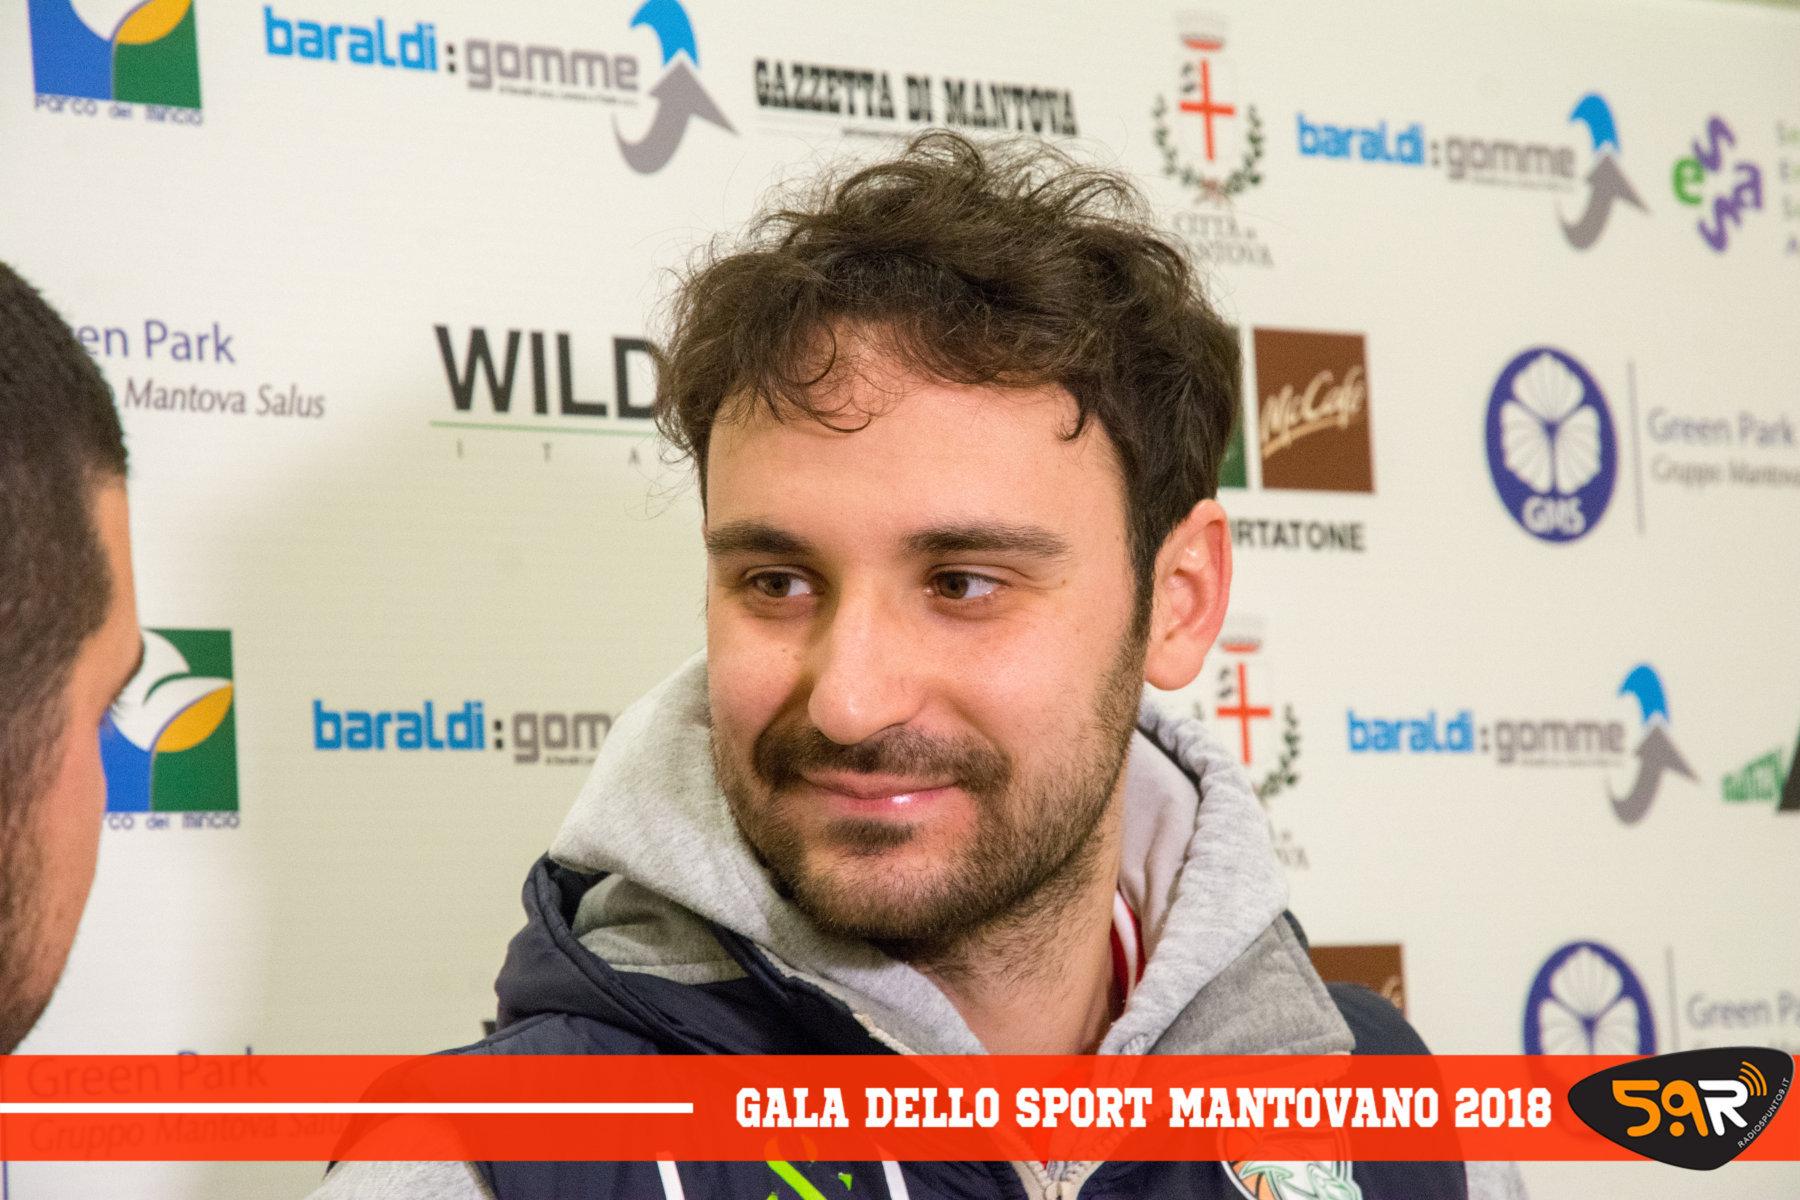 Gala dello Sport Mantovano 2018 Web Radio 5 (129)